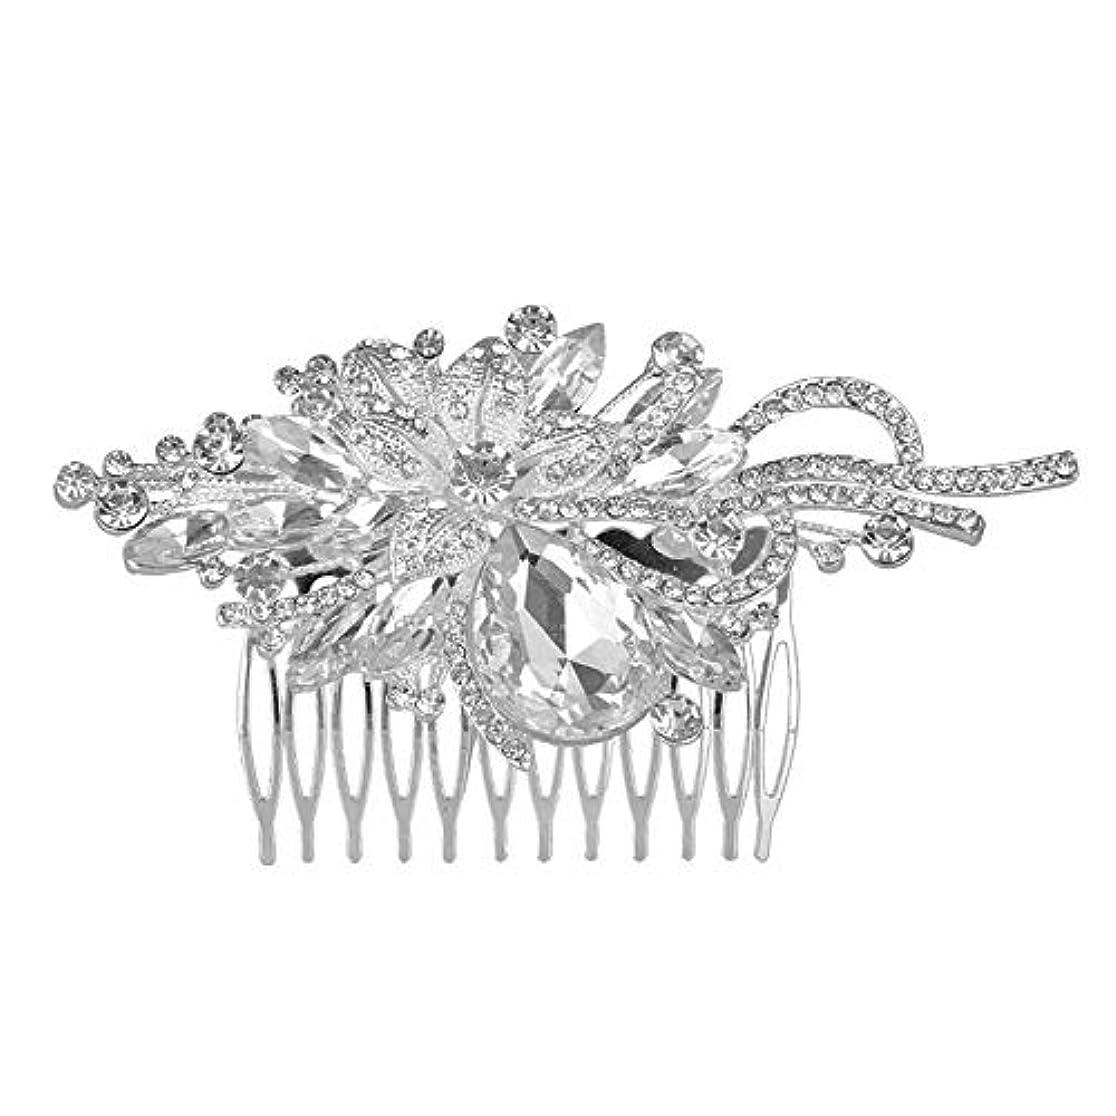 カウンターパート熟した適応的髪の櫛挿入櫛花嫁の髪櫛クラウン髪の櫛結婚式のアクセサリー葉の髪の櫛ラインストーンの髪の櫛ブライダルヘッドドレス